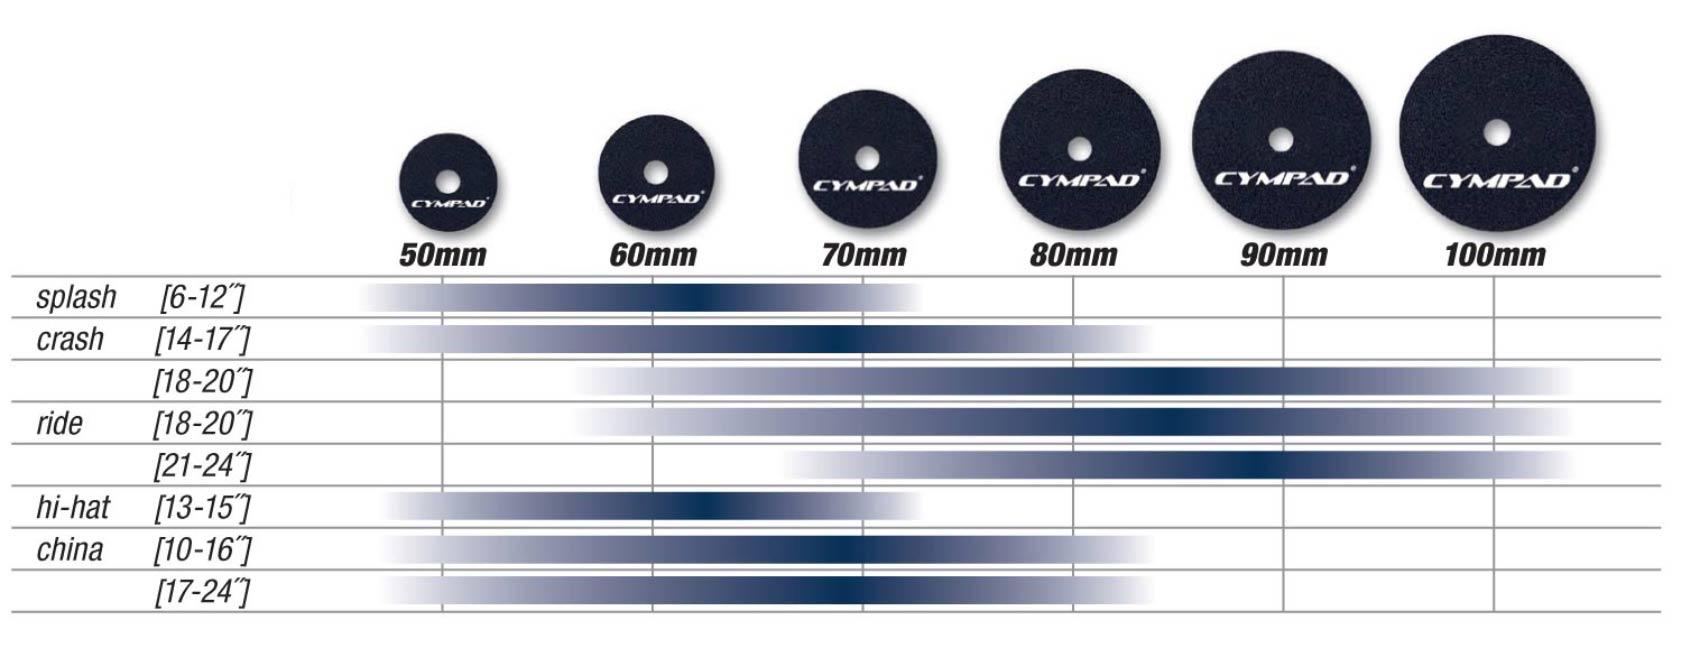 Cympad Moderator Chart